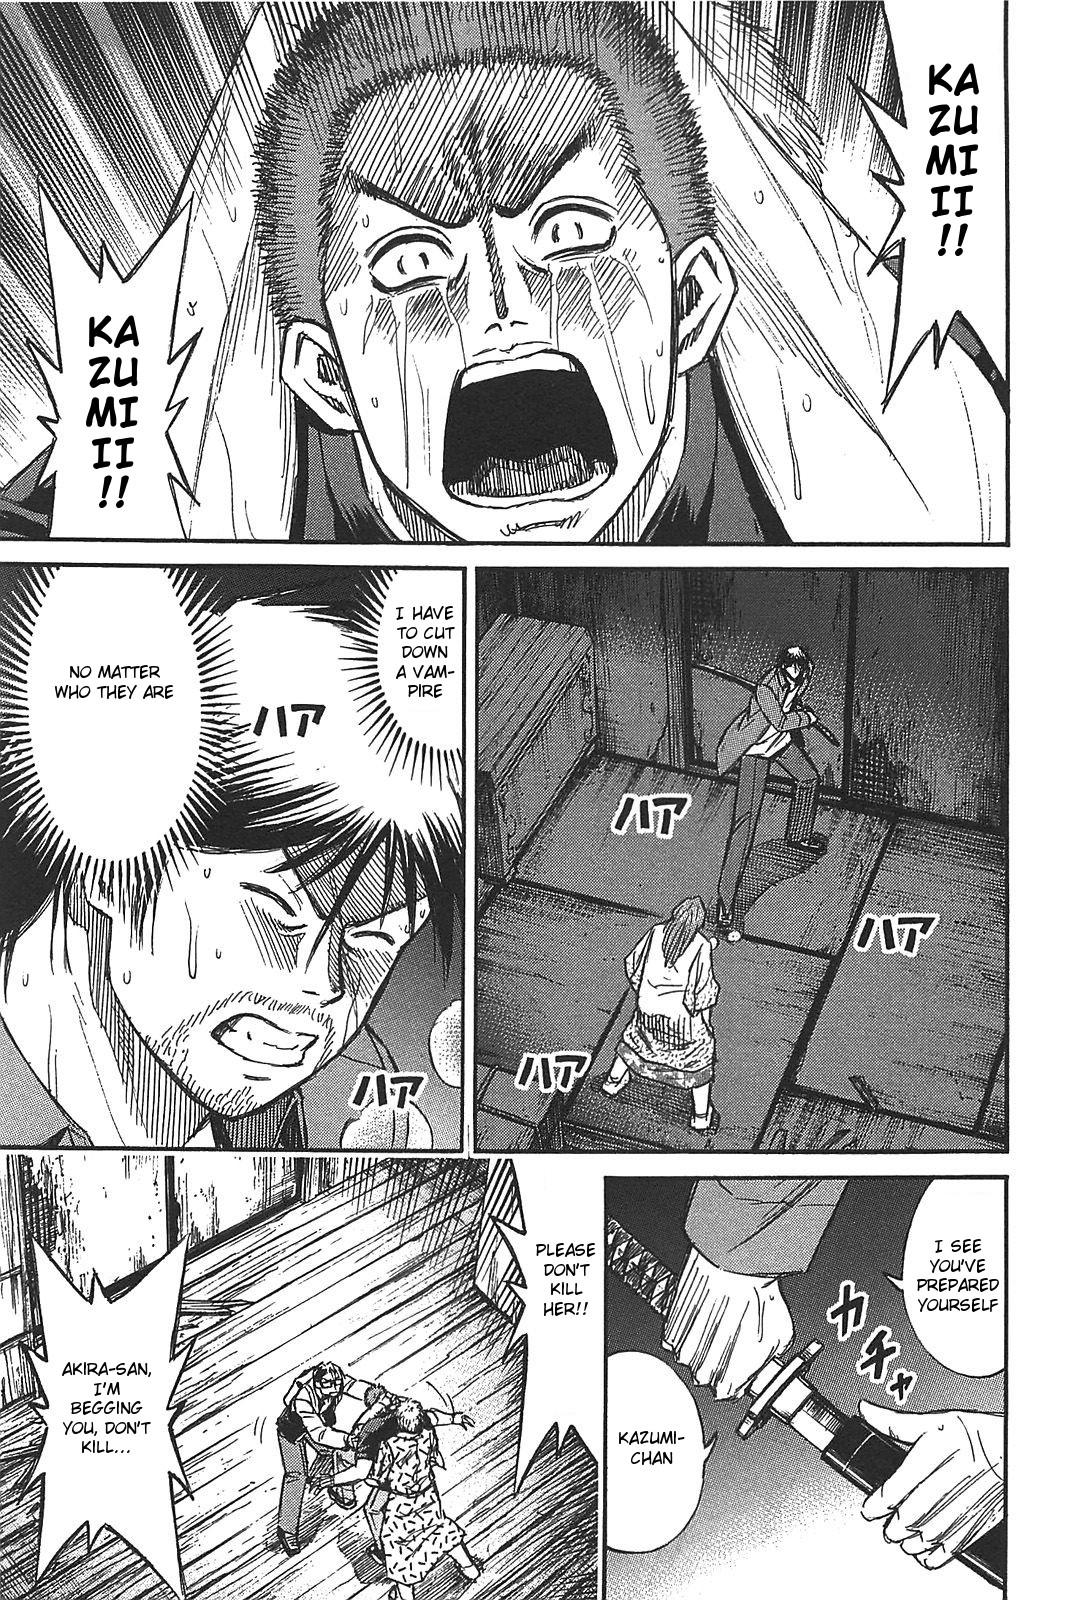 Higanjima Last 47 Days Chapter 22  Online Free Manga Read Image 1